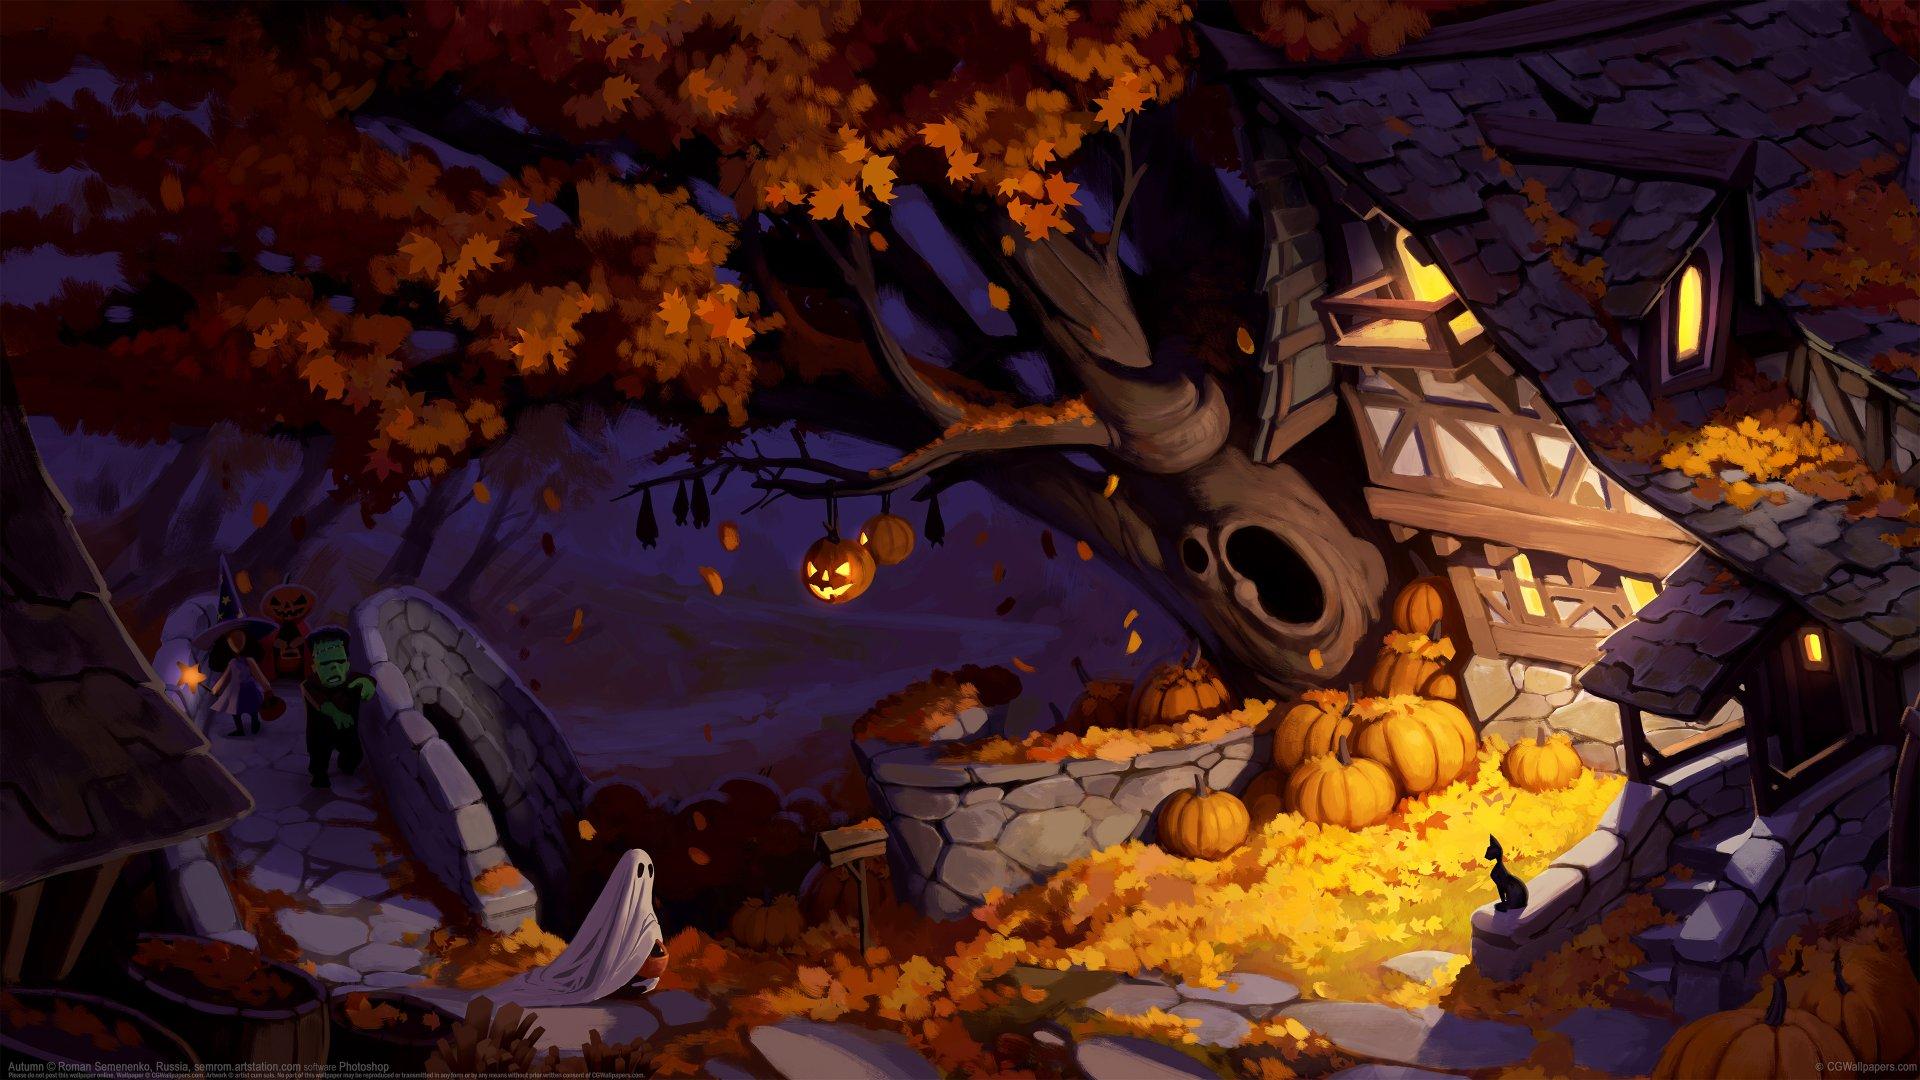 [壁纸]夜景 黄昏  购物少女 碧蓝航线 黑色丝袜电脑4K动漫壁纸 电脑壁纸-第3张